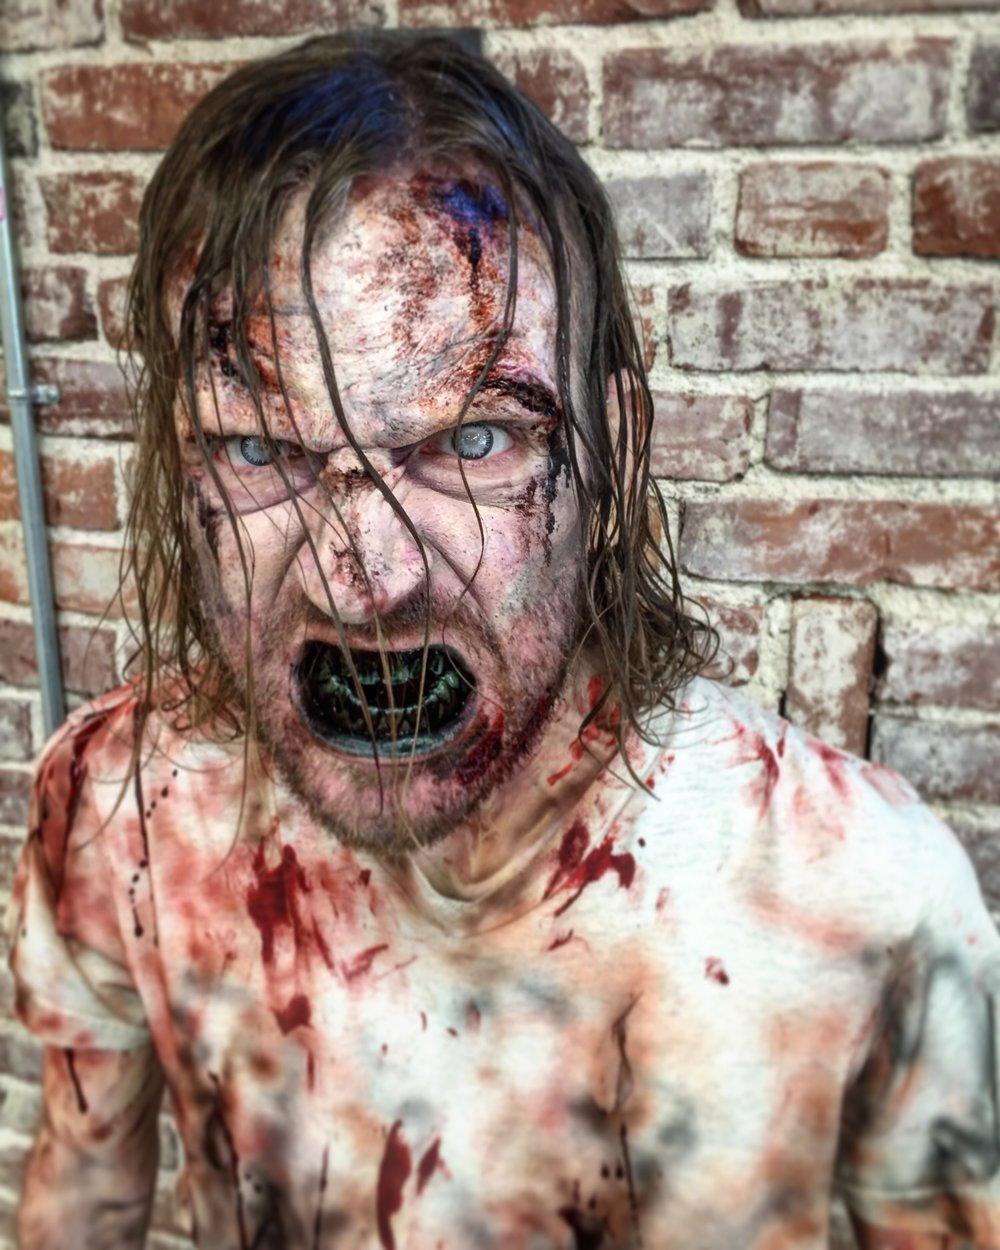 Zombie for Peta